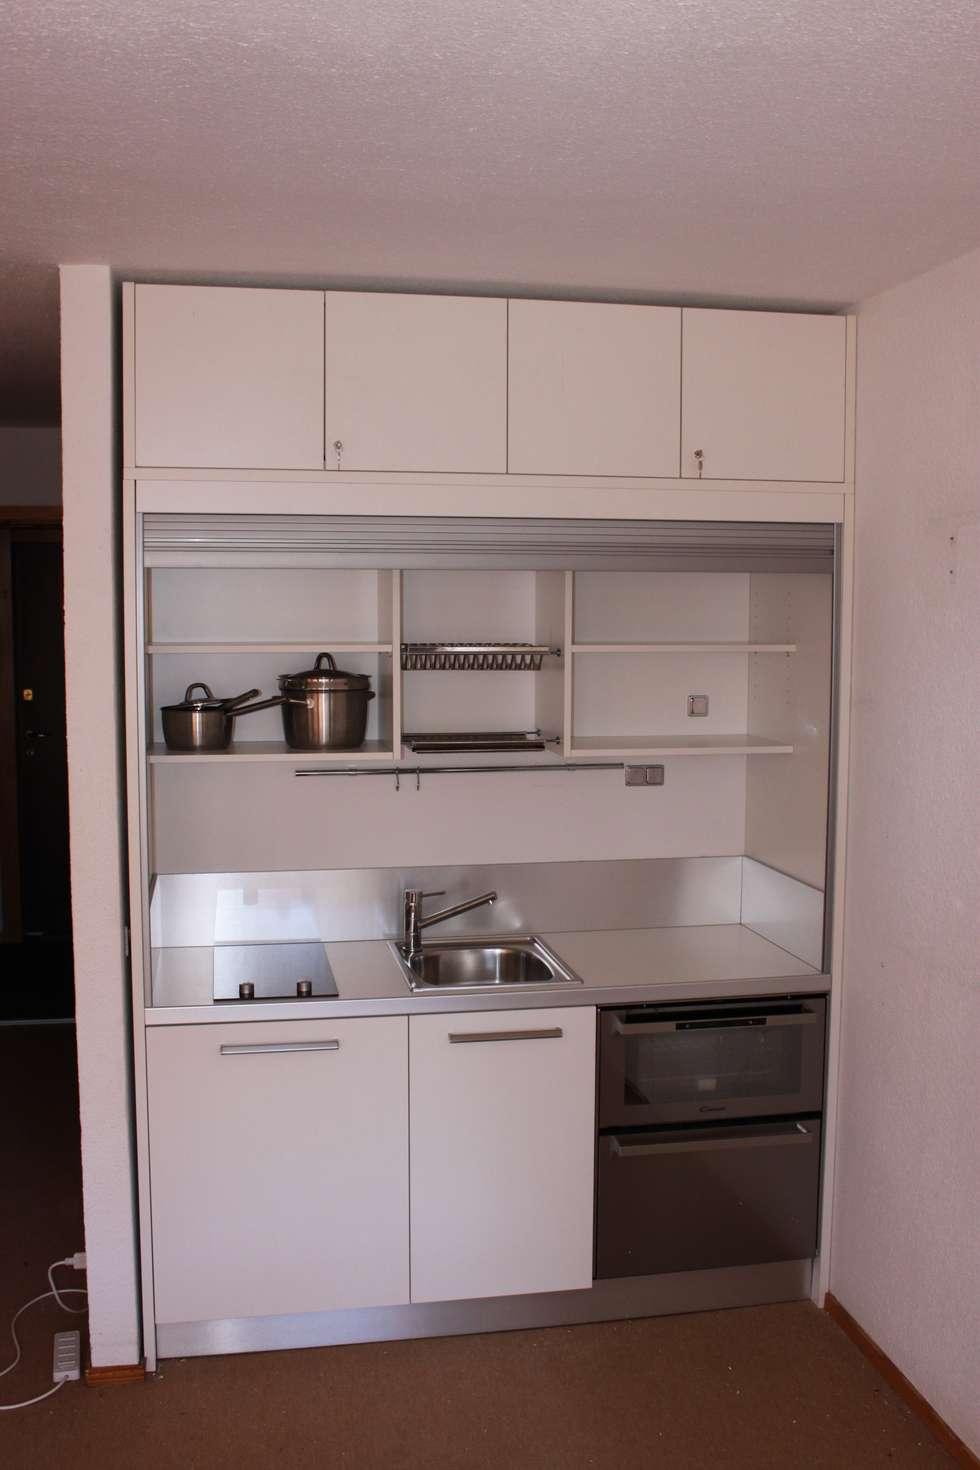 Idee arredamento casa interior design homify - Cucina monoblocco a scomparsa ...